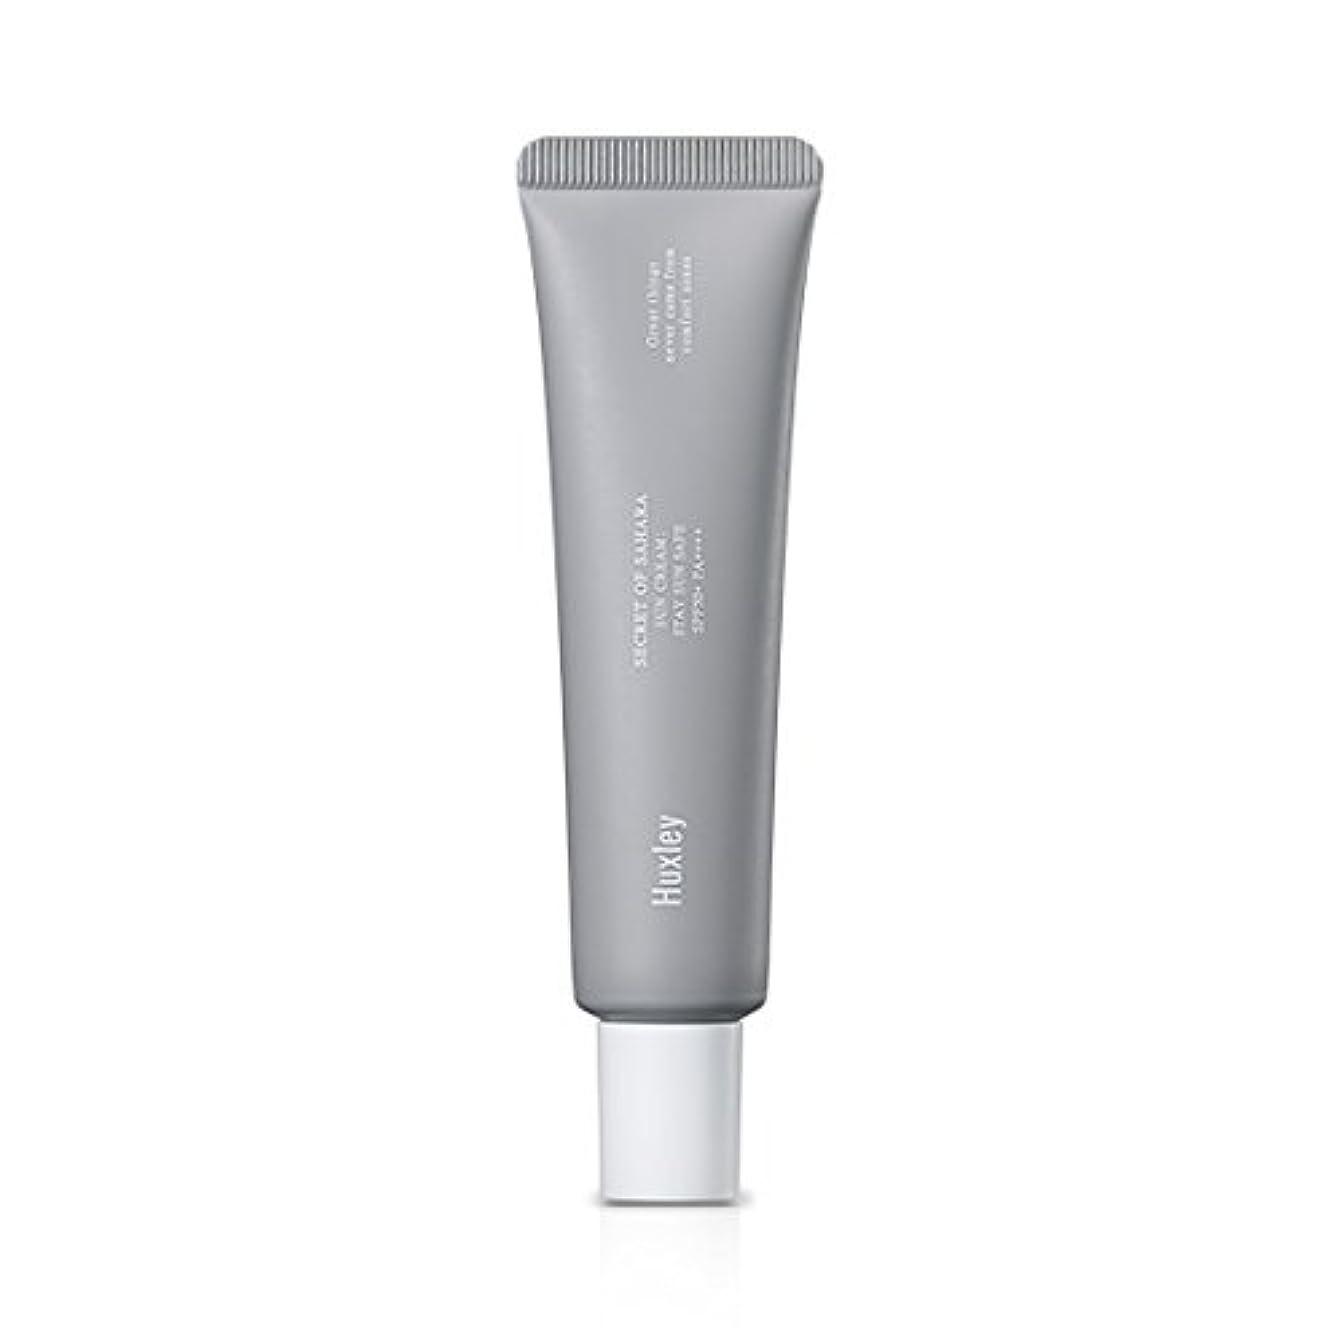 花火犯罪伝染性のHuxley Sun Cream;Stay Sun Safe 35ml (SPF50+ PA++++)/ハクスリー サンクリーム;ステイ サン セーフ 35ml (SPF50+ PA++++) [並行輸入品]